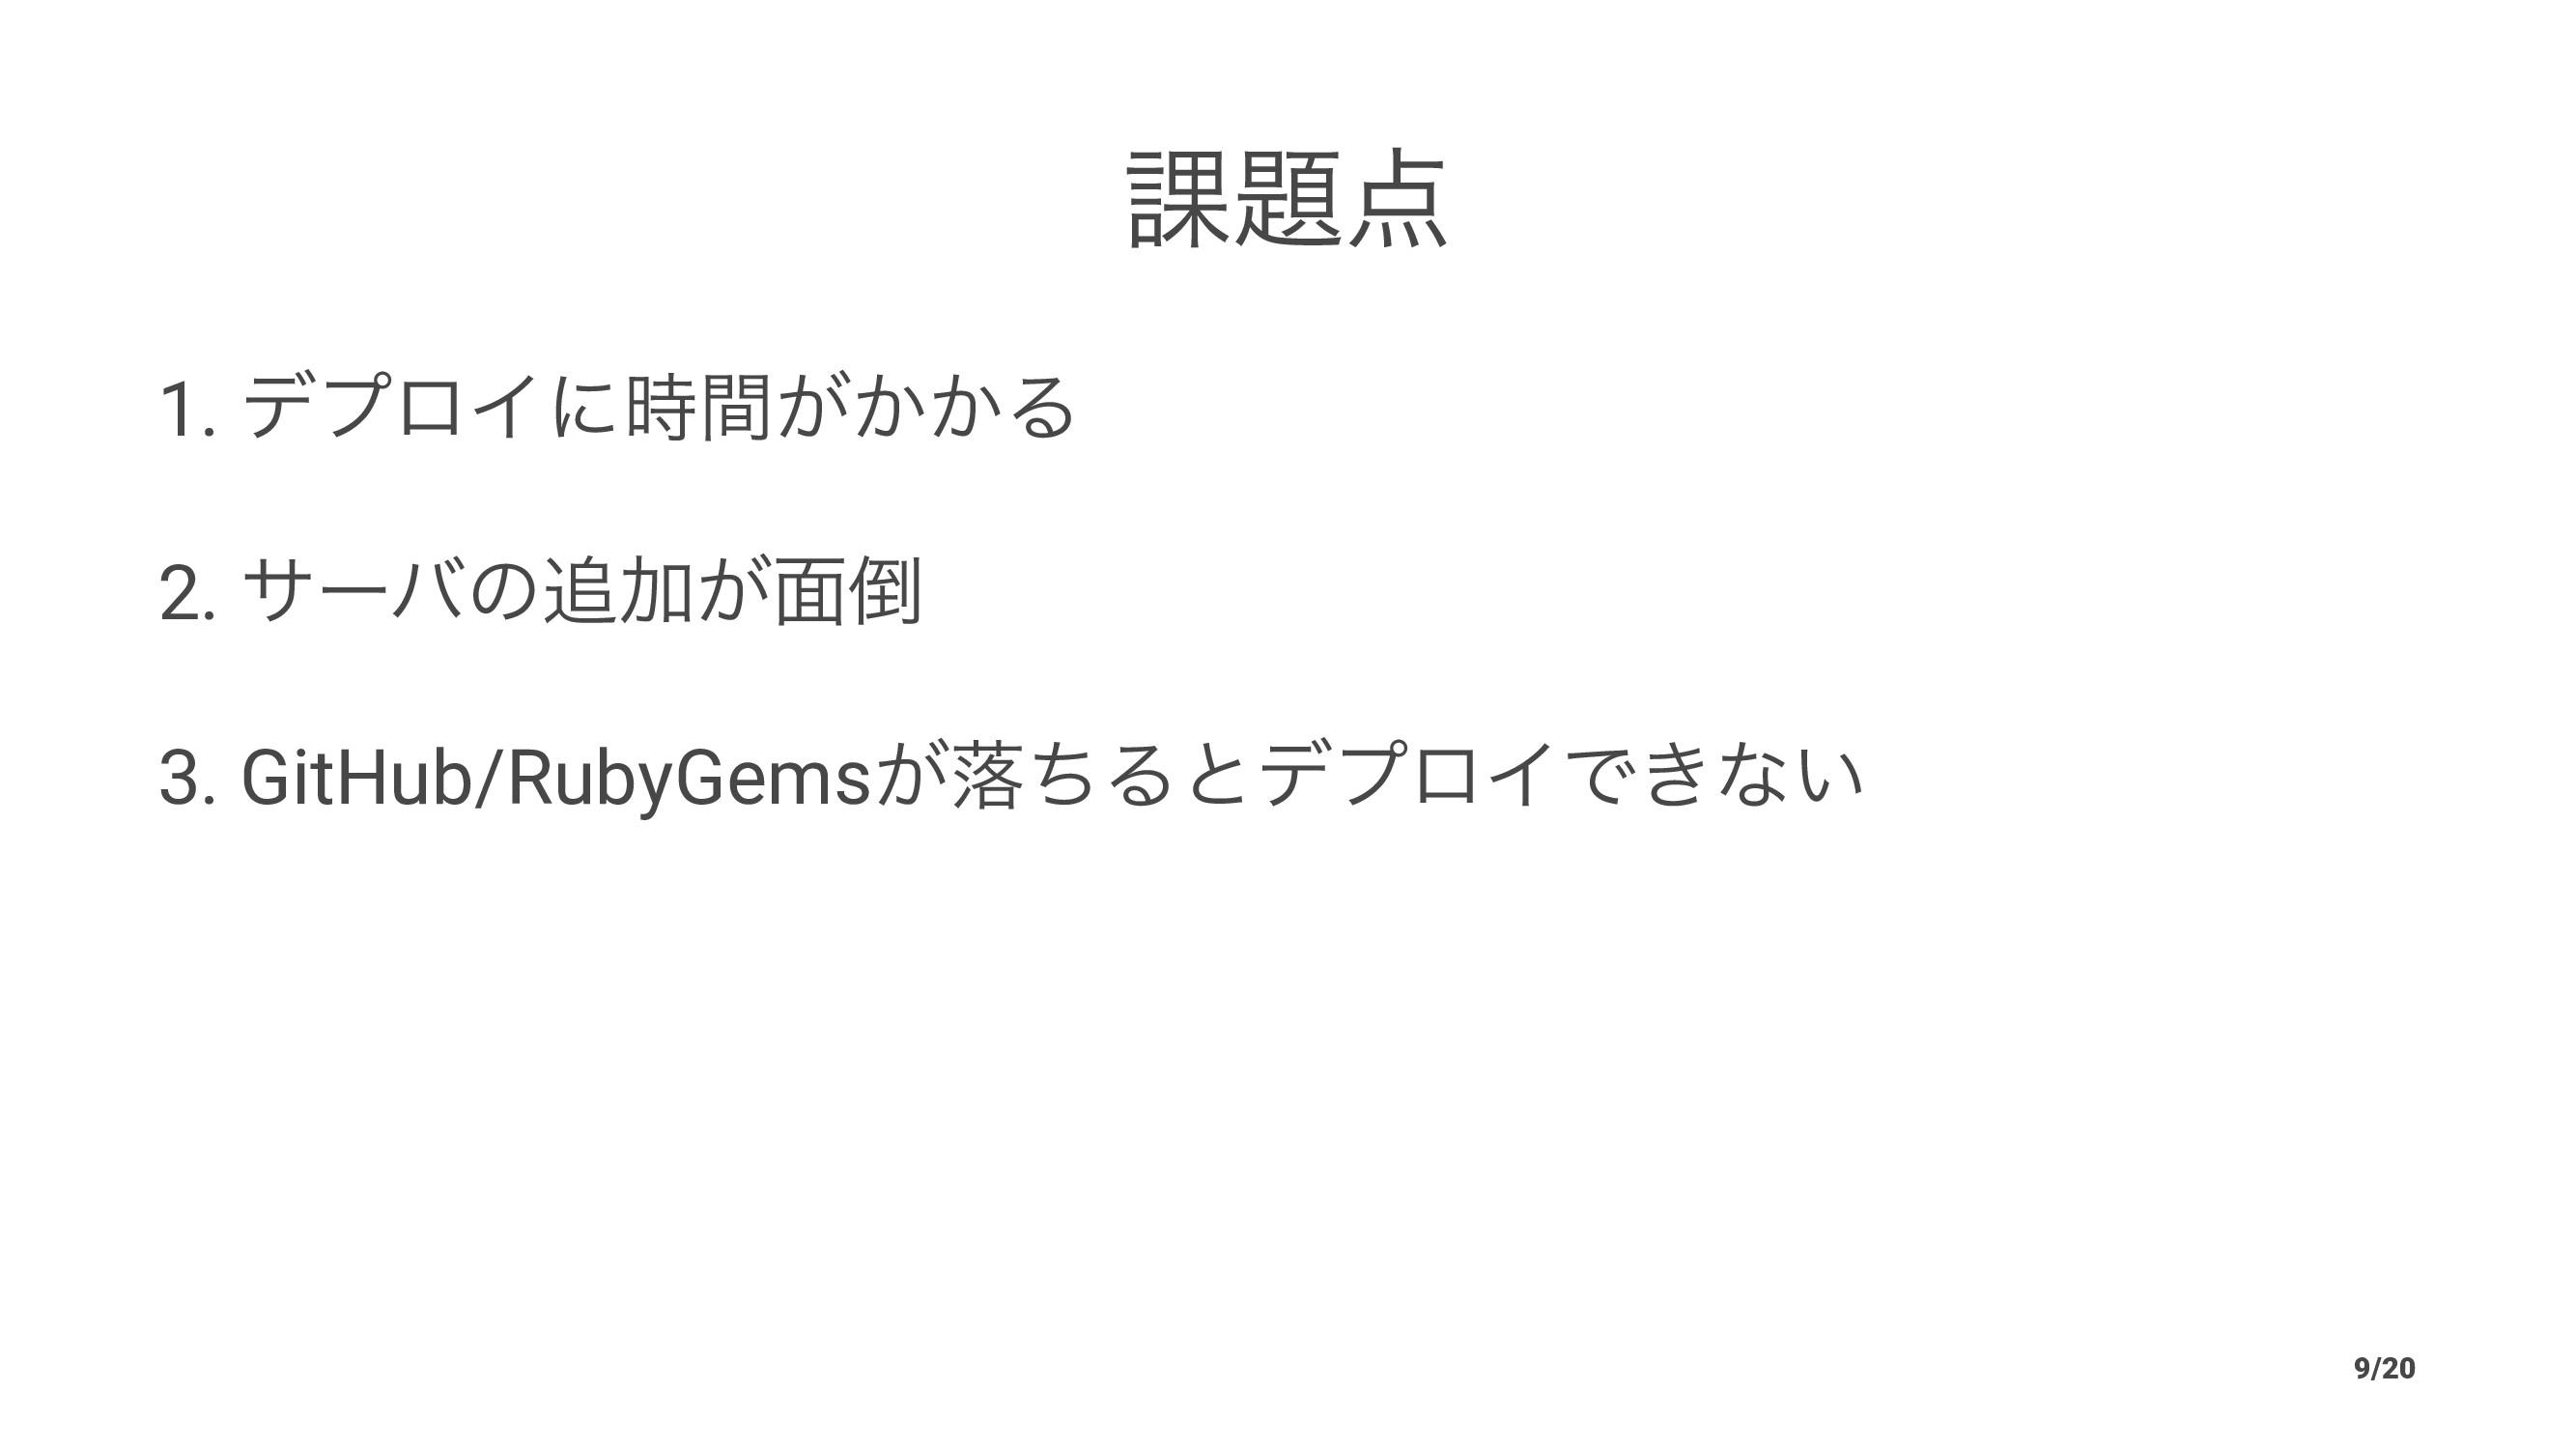 ՝ 1. σϓϩΠʹ͕͔͔ؒΔ 2. αʔόͷՃ͕໘ 3. GitHub/RubyG...